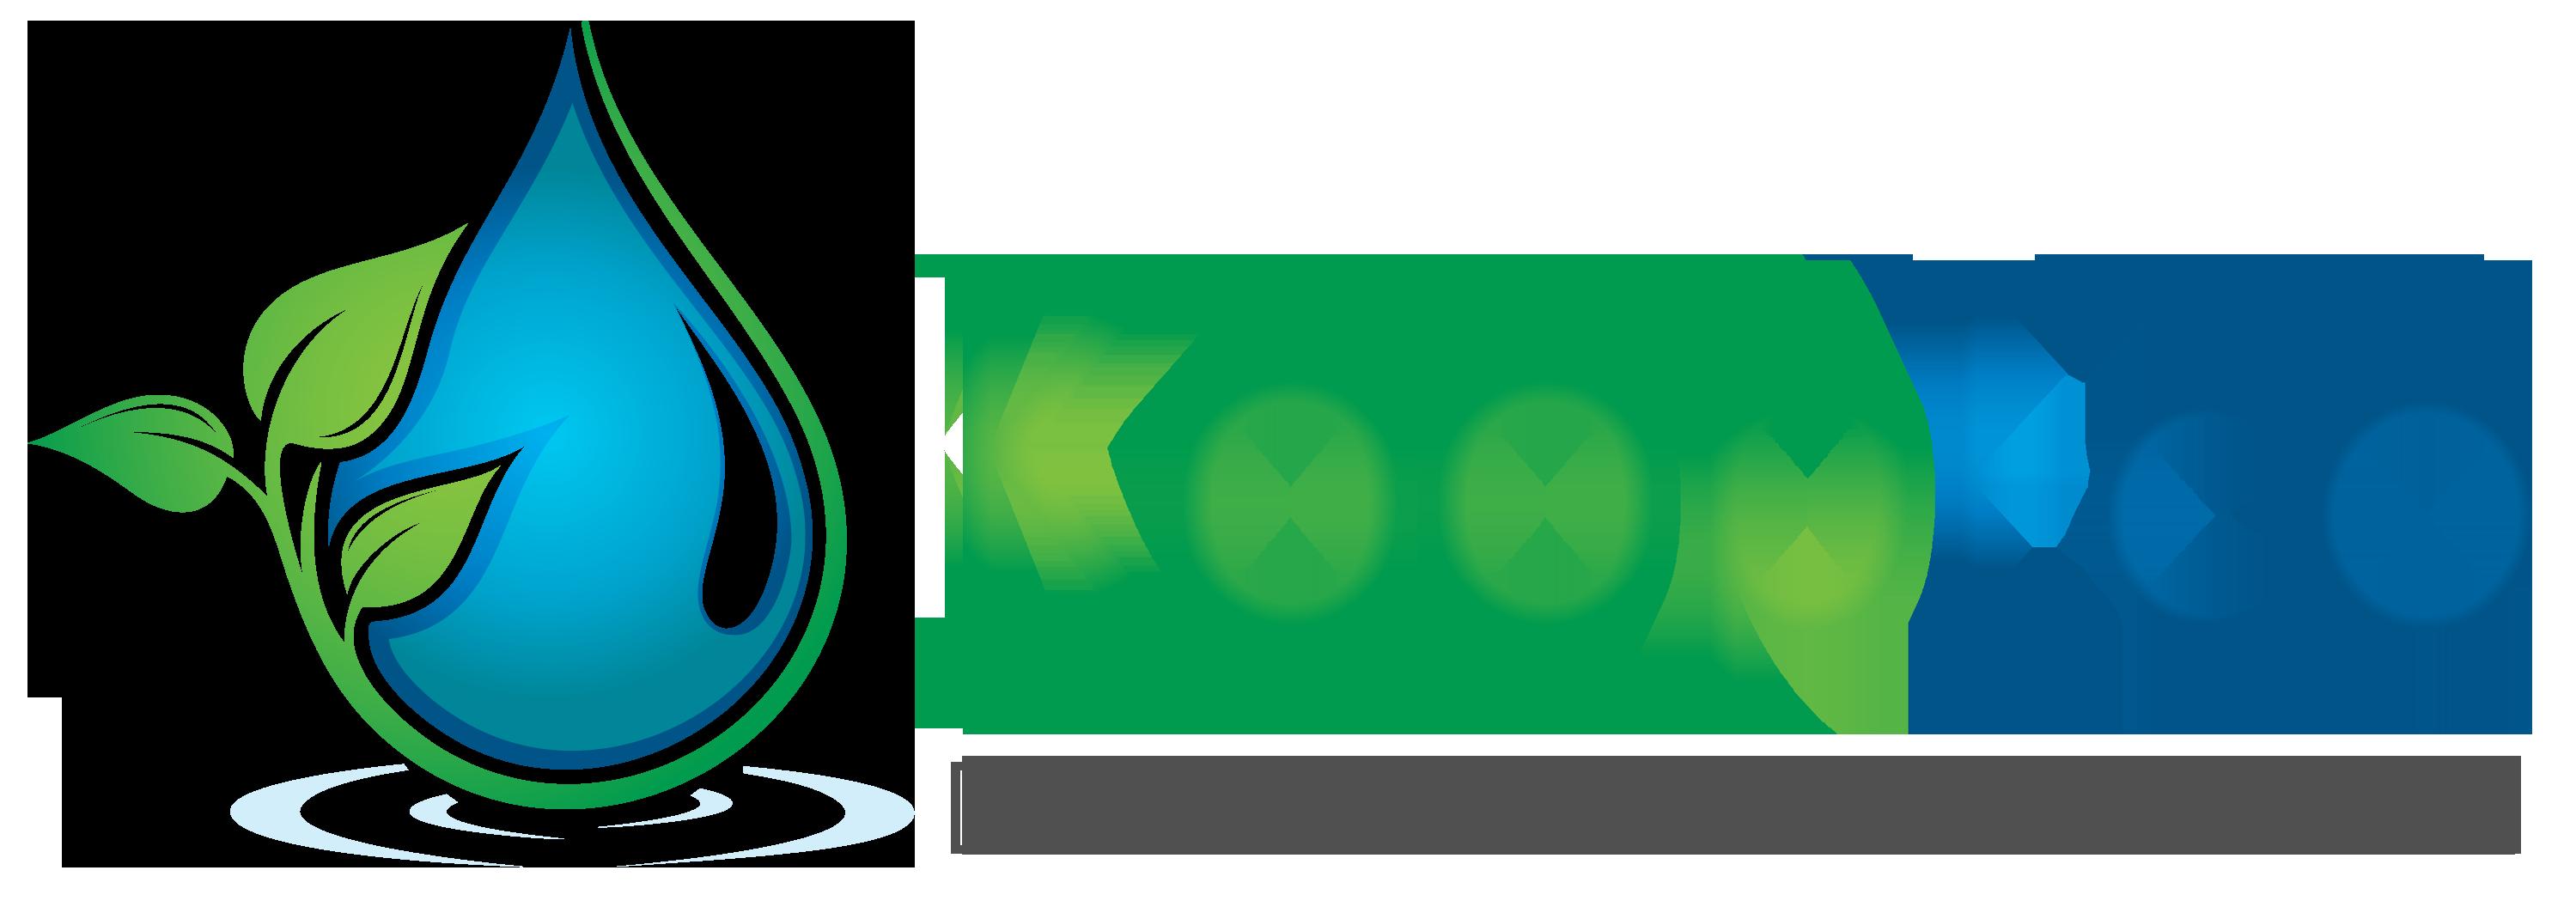 KoopEco